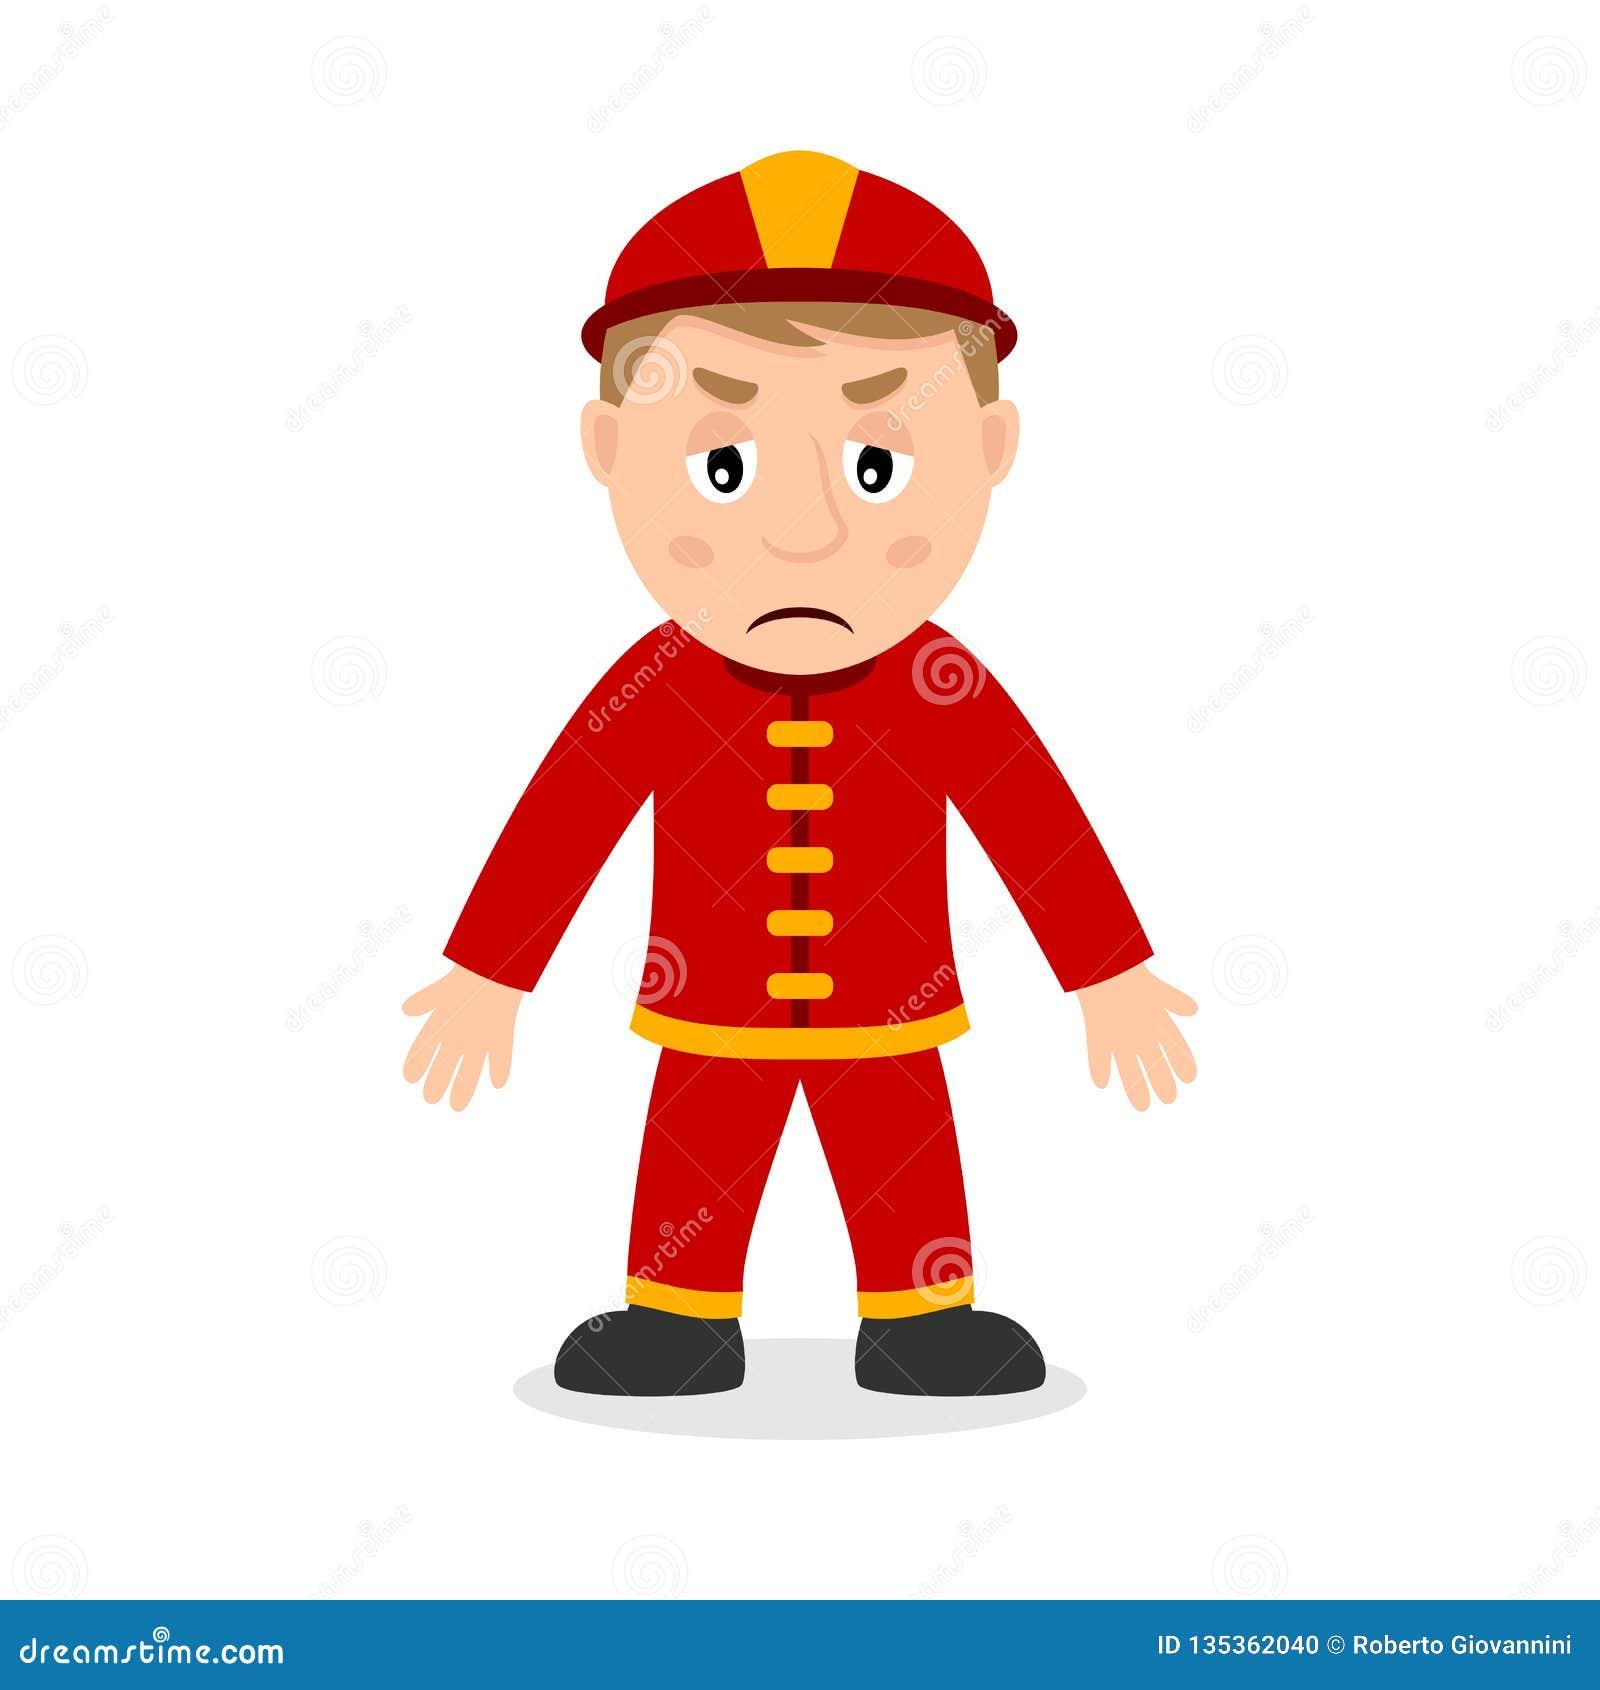 Personaje De Dibujos Animados Triste Del Bombero Ilustración